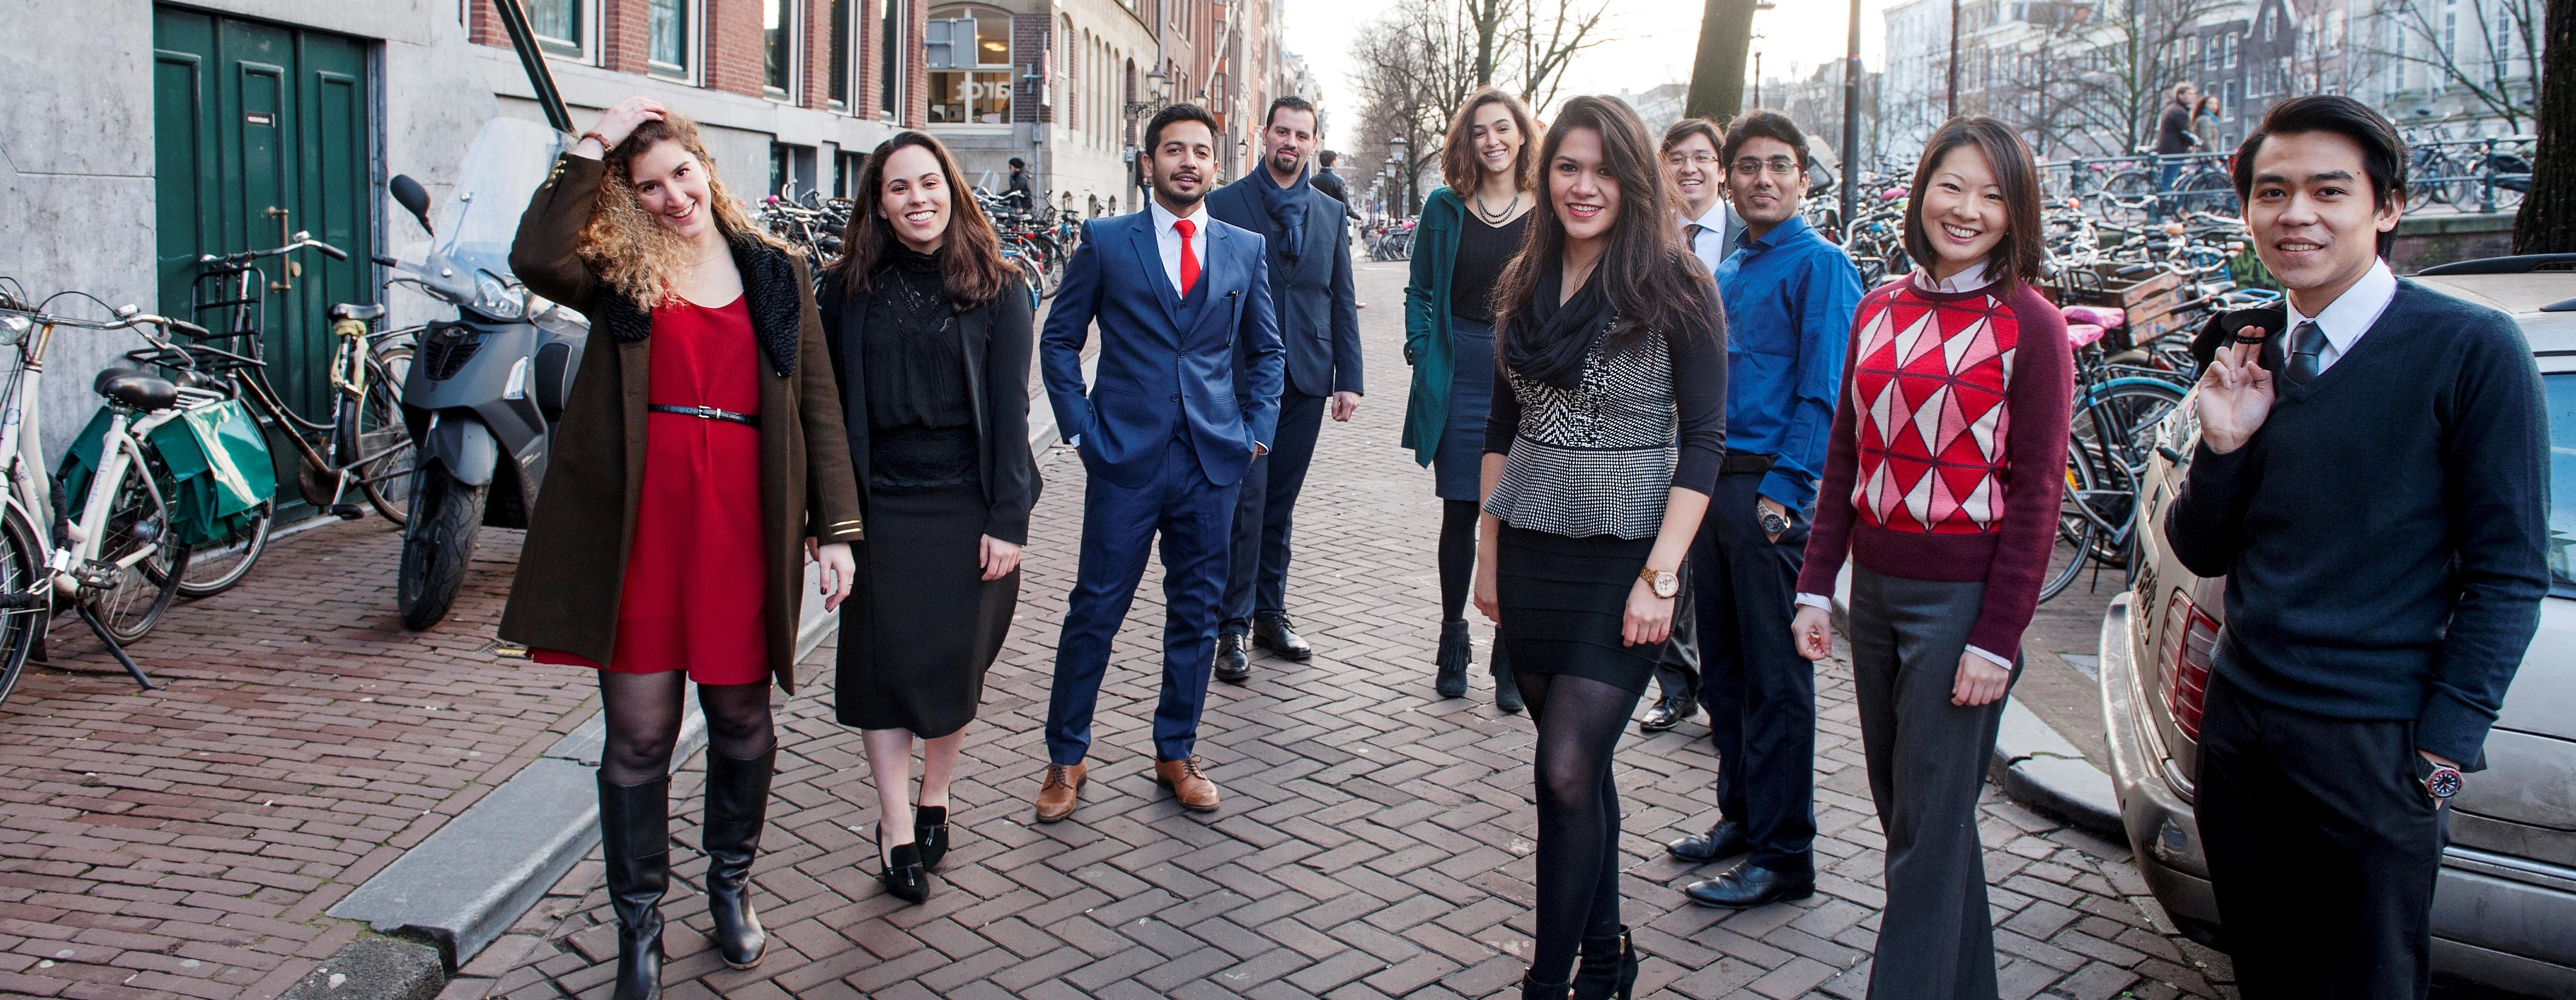 Nyenrode International MBA NNBS gracht